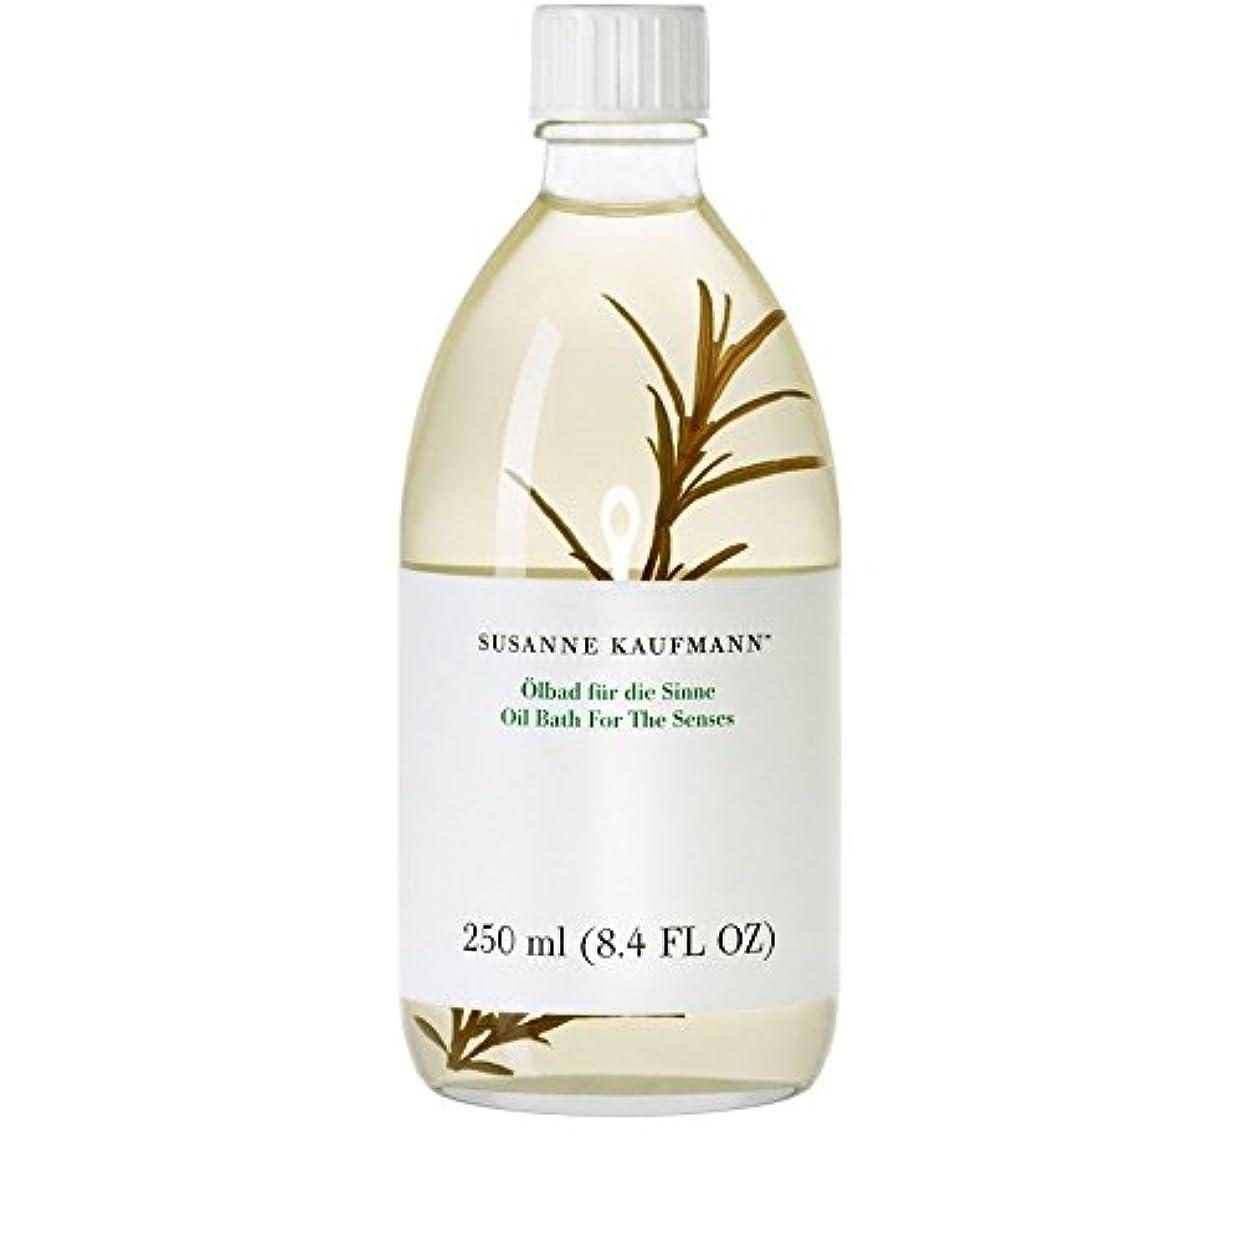 アイデア通行人ベックス250ミリリットルの感覚のためのスザンヌカウフマンオイルバス x2 - Susanne Kaufmann Oil Bath for the Senses 250ml (Pack of 2) [並行輸入品]